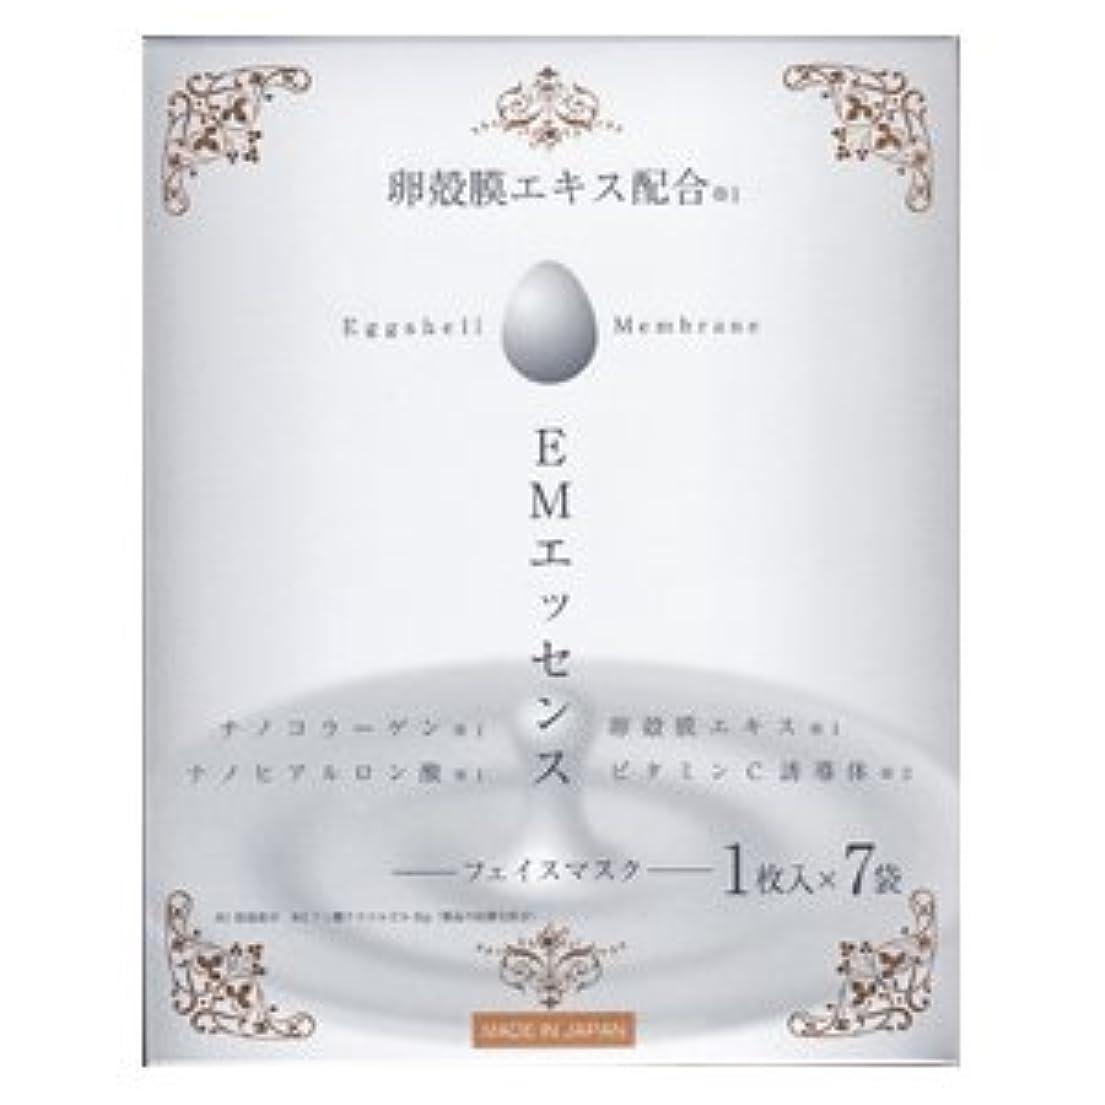 浸す重要な絶妙卵殻膜エキス配合 EMエッセンス フェイスマスク 1枚入×7袋